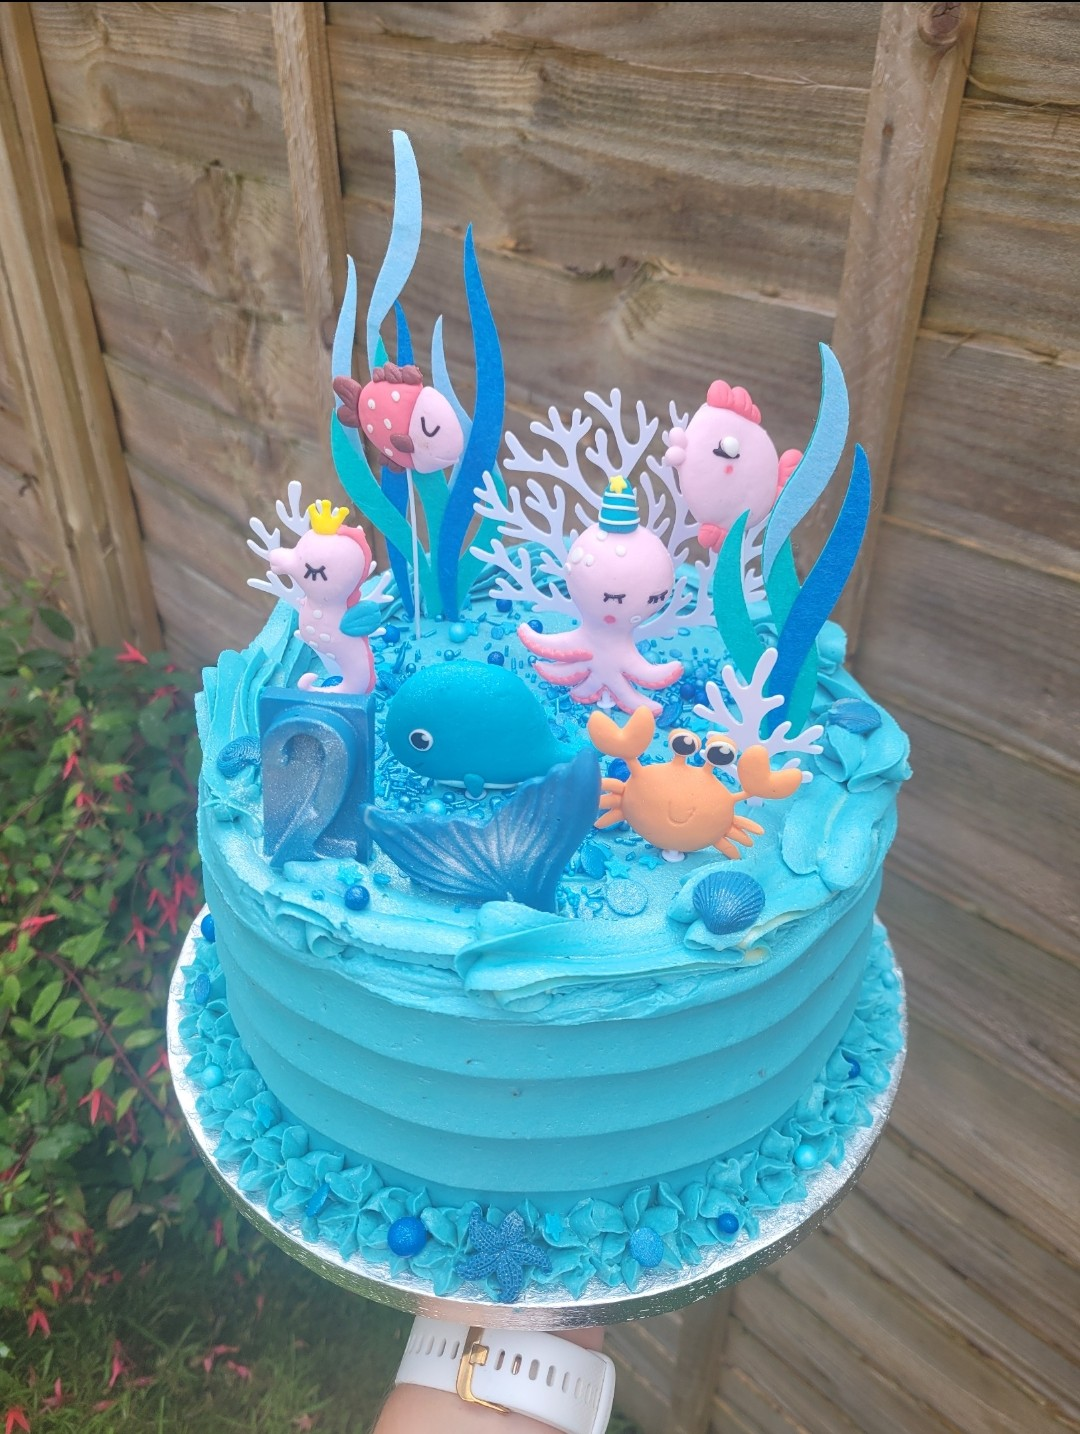 Cake Me Home's main image